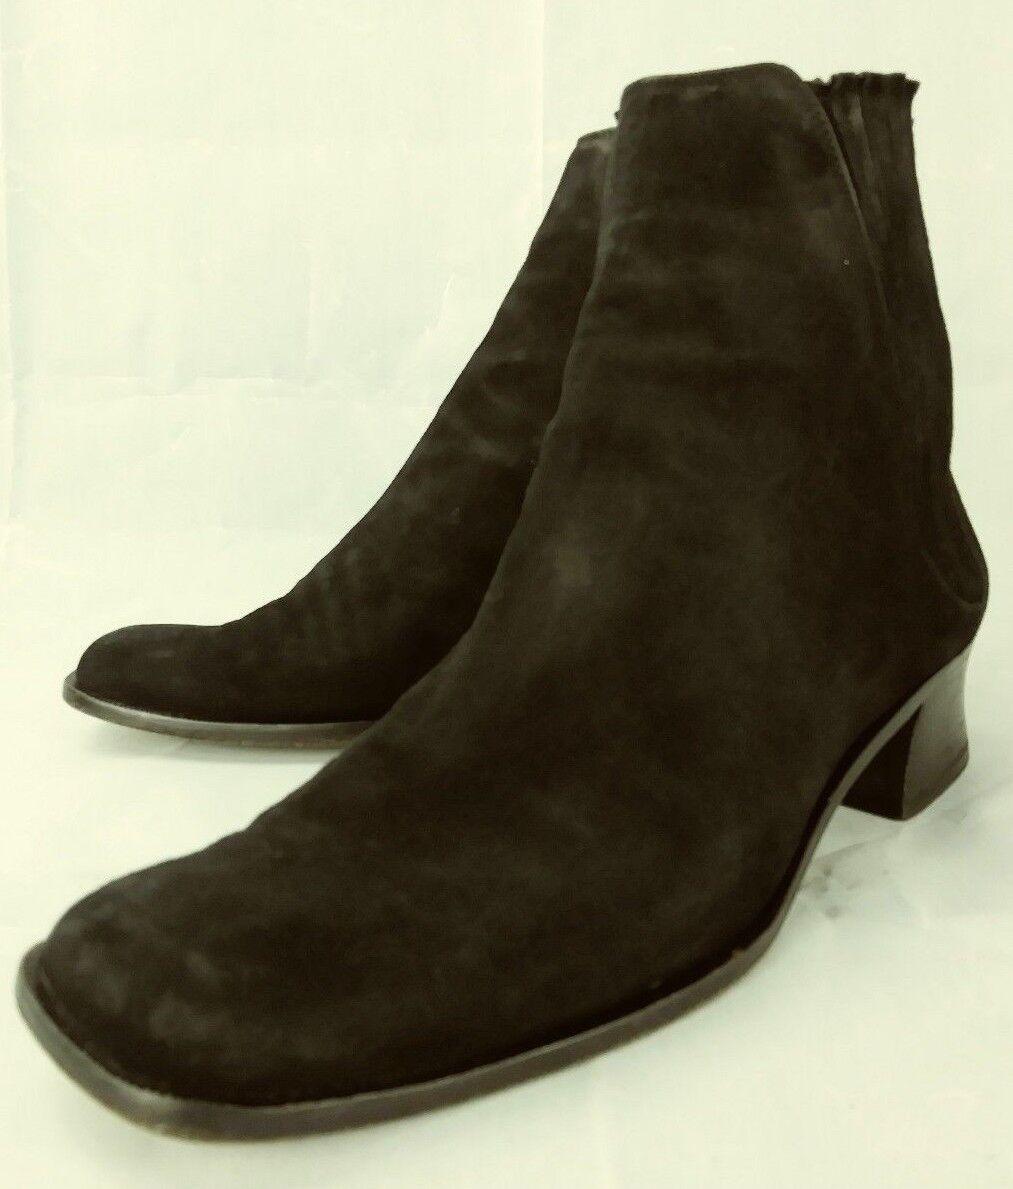 gli ultimi modelli Ralph Lauren Lauren Lauren donna stivali Chelsea Ankle US 7 nero Suede Heels viola label 2092  prezzo all'ingrosso e qualità affidabile